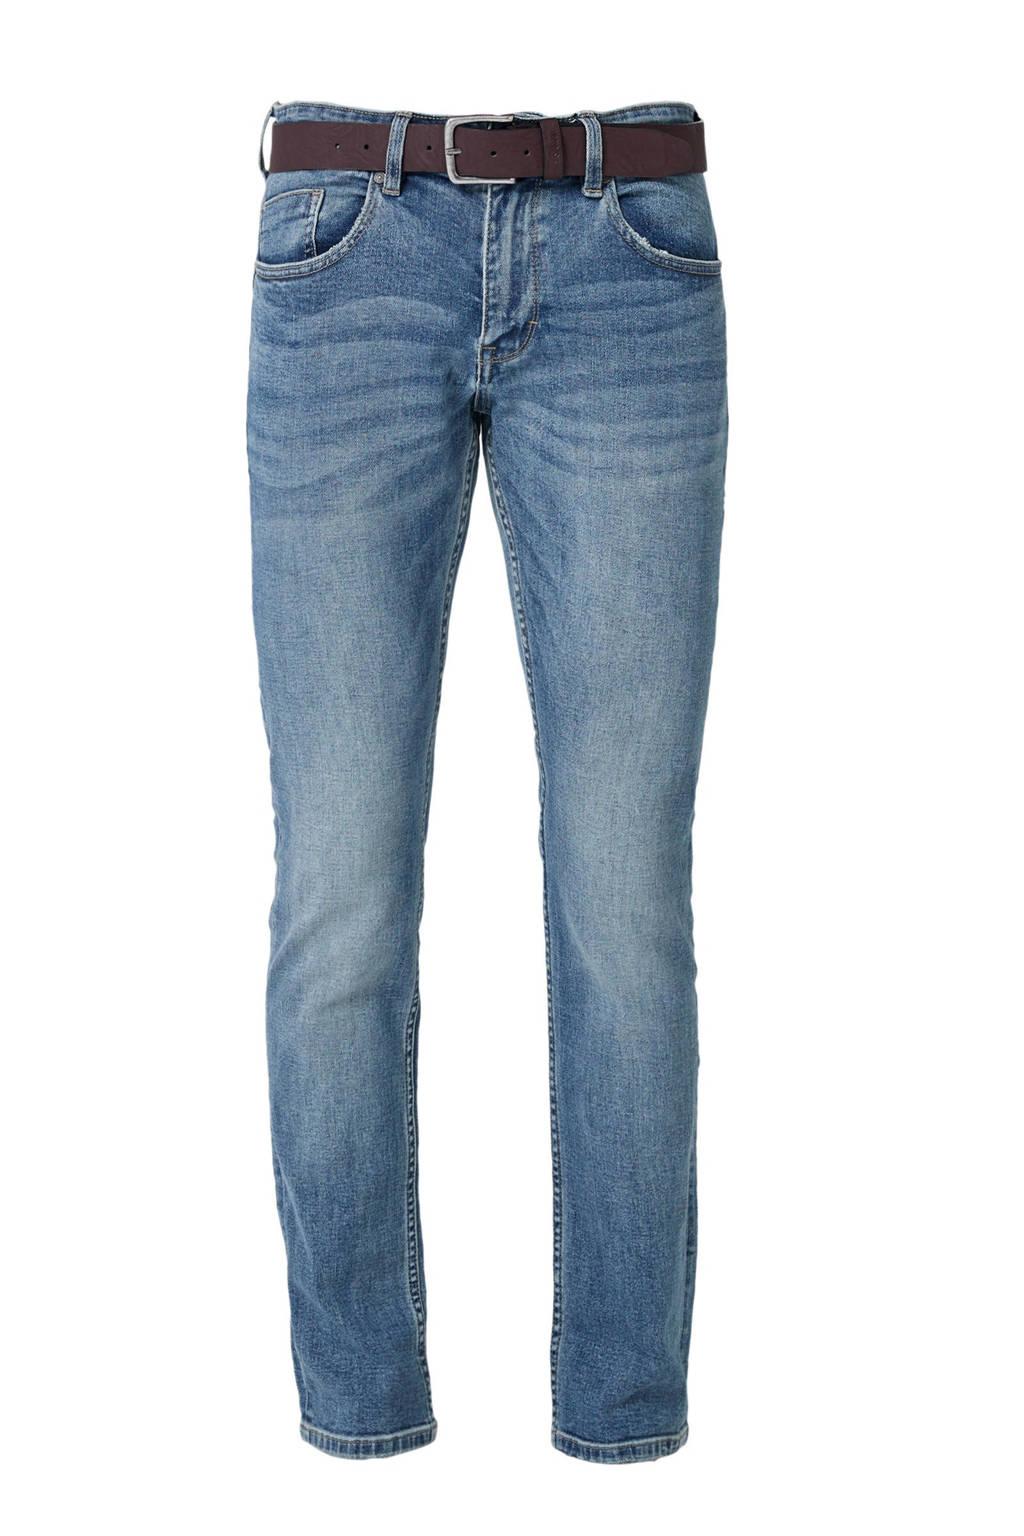 s.Oliver slim fit jeans, Light denim